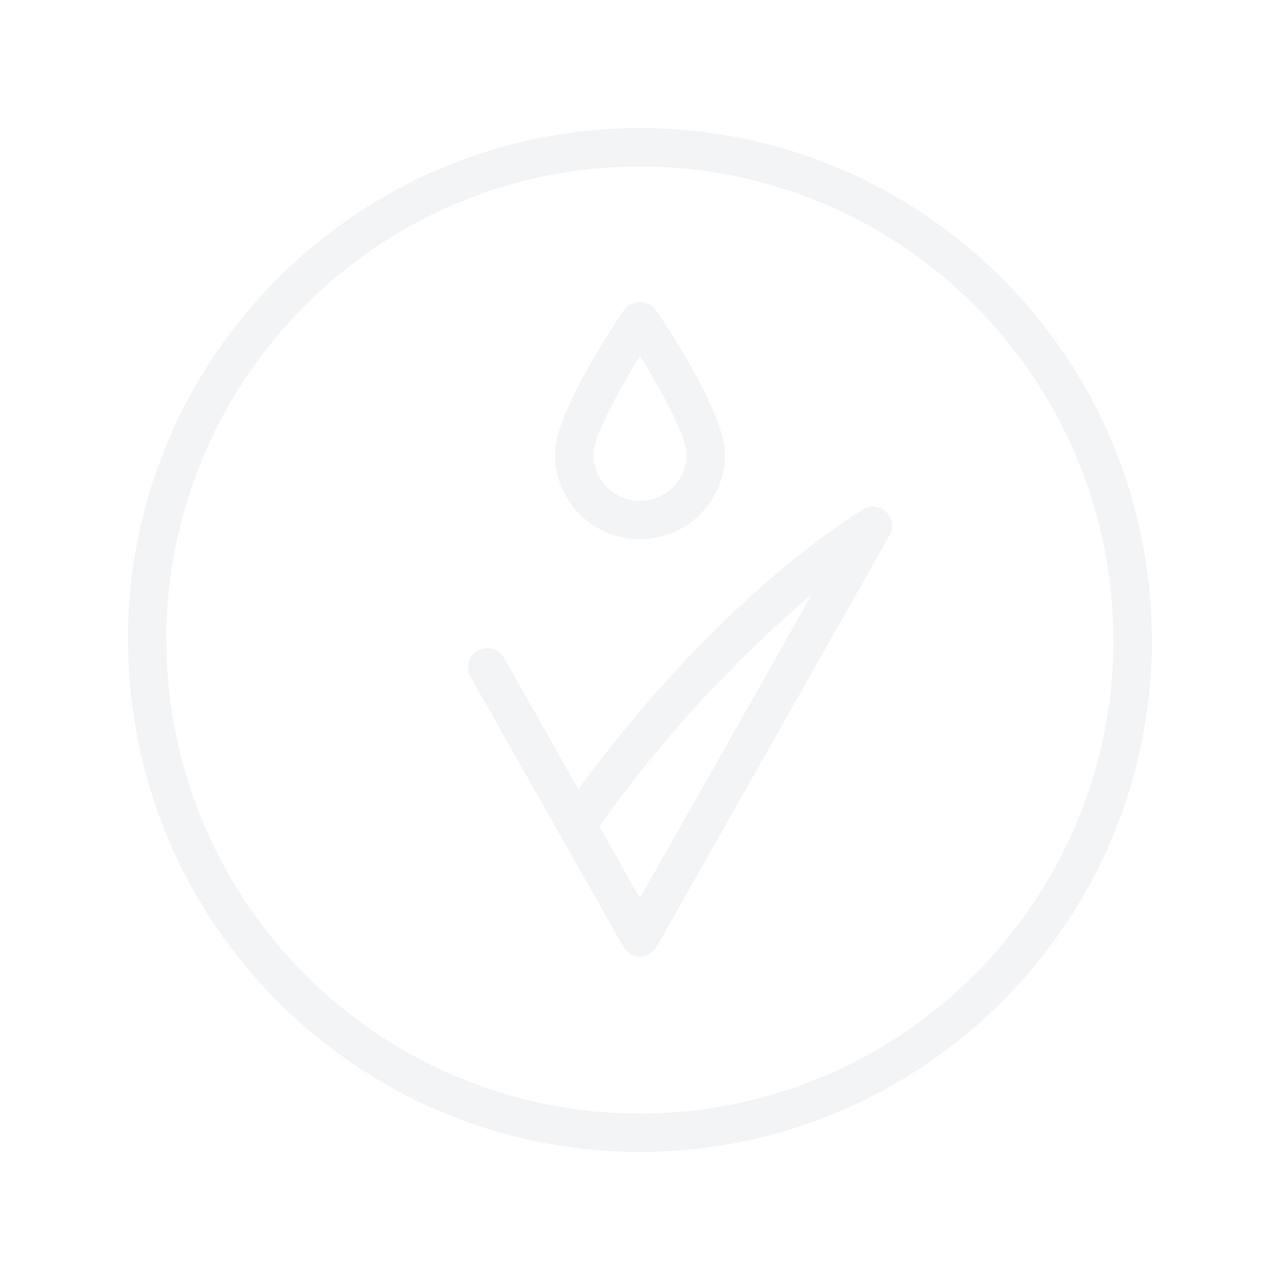 L'OREAL PROFESSIONNEL Absolut Repair Lipidium Shampoo шампунь для поврежденных волос